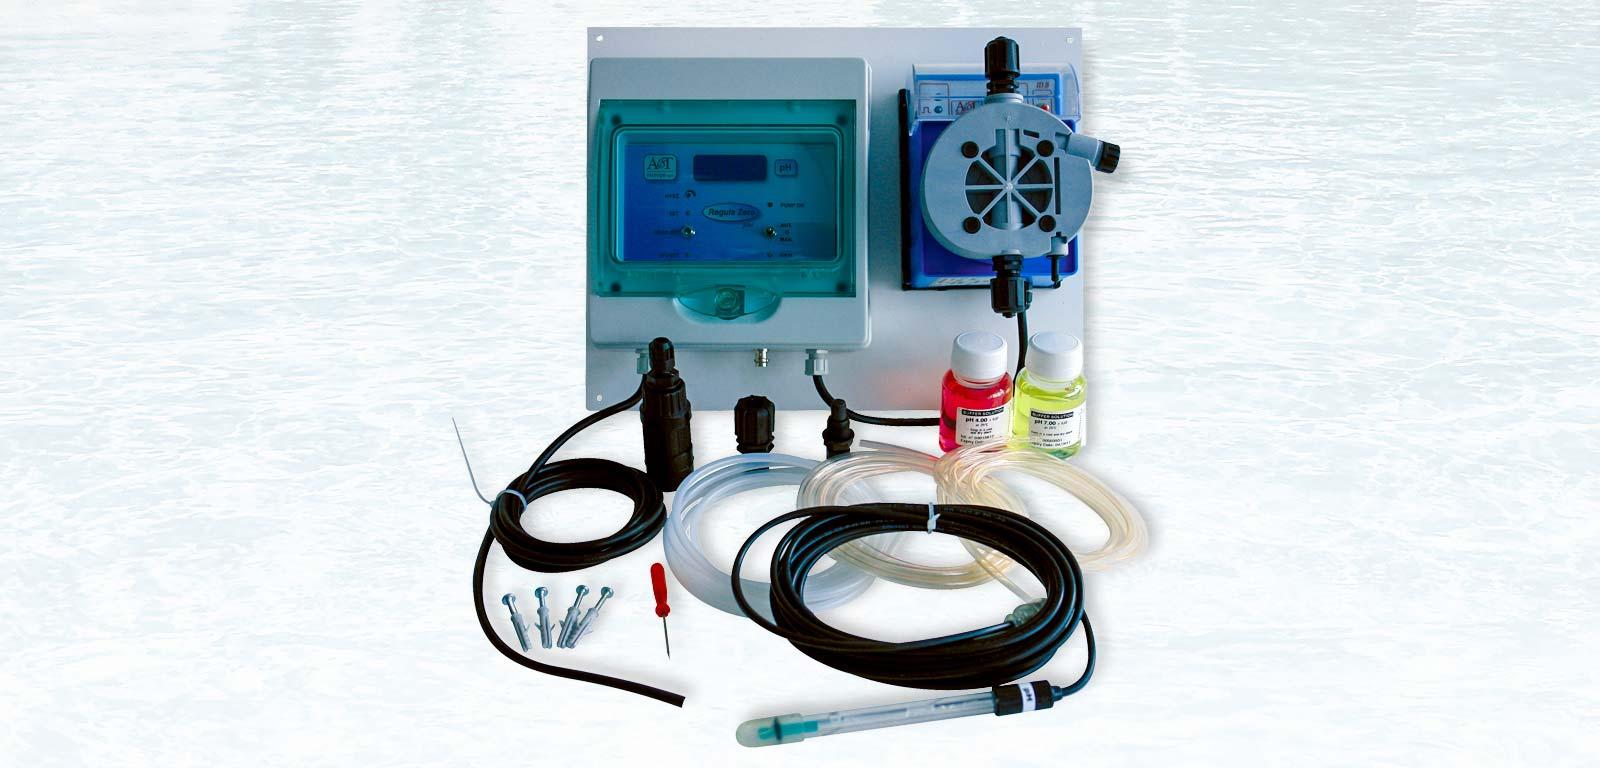 Domotica e centraline piscine accessori manutenzione for Centralina domotica